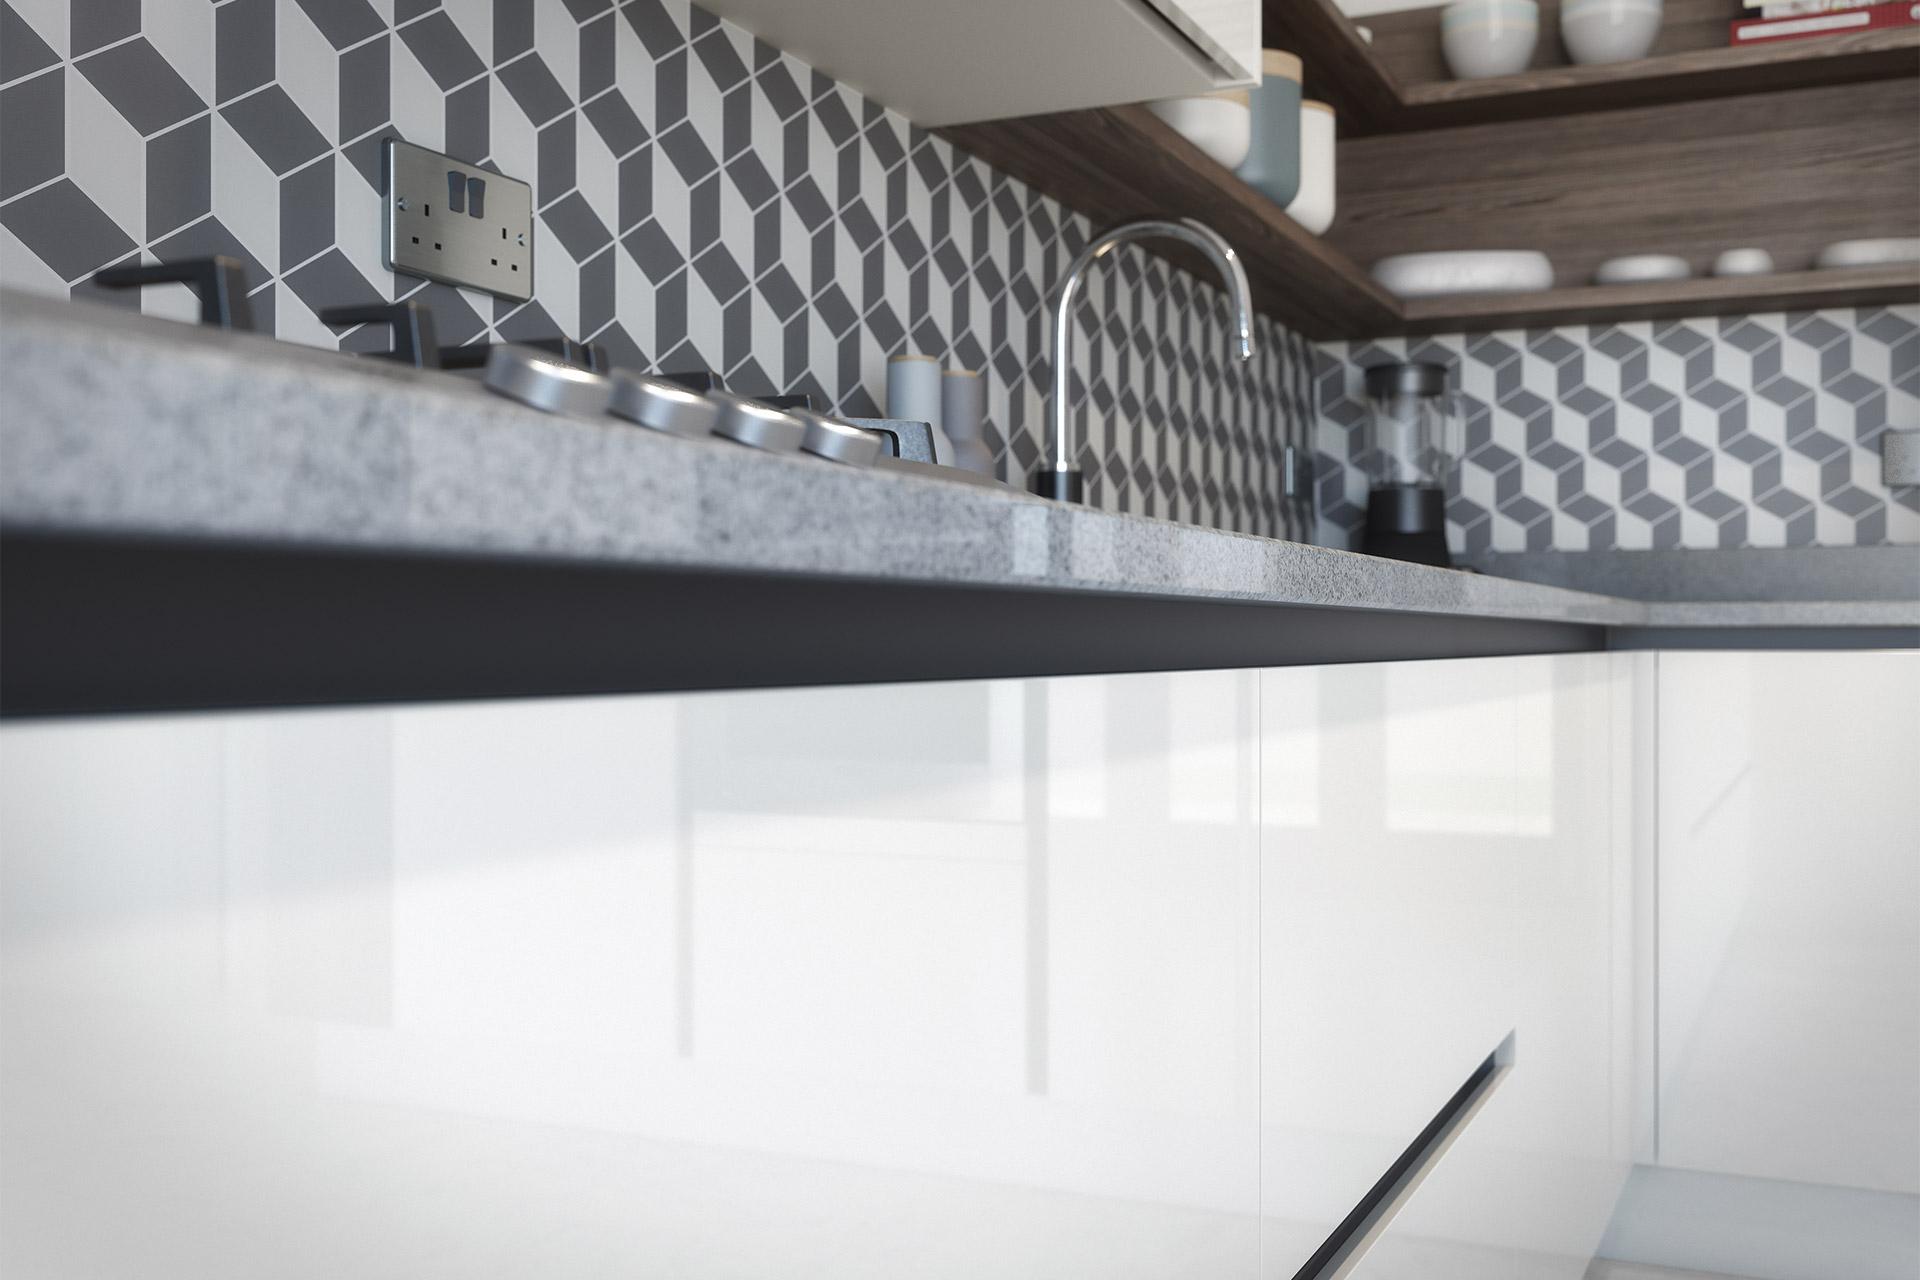 Mode-Gloss-White-&-Gloss-Light-Grey-Detail.jpg